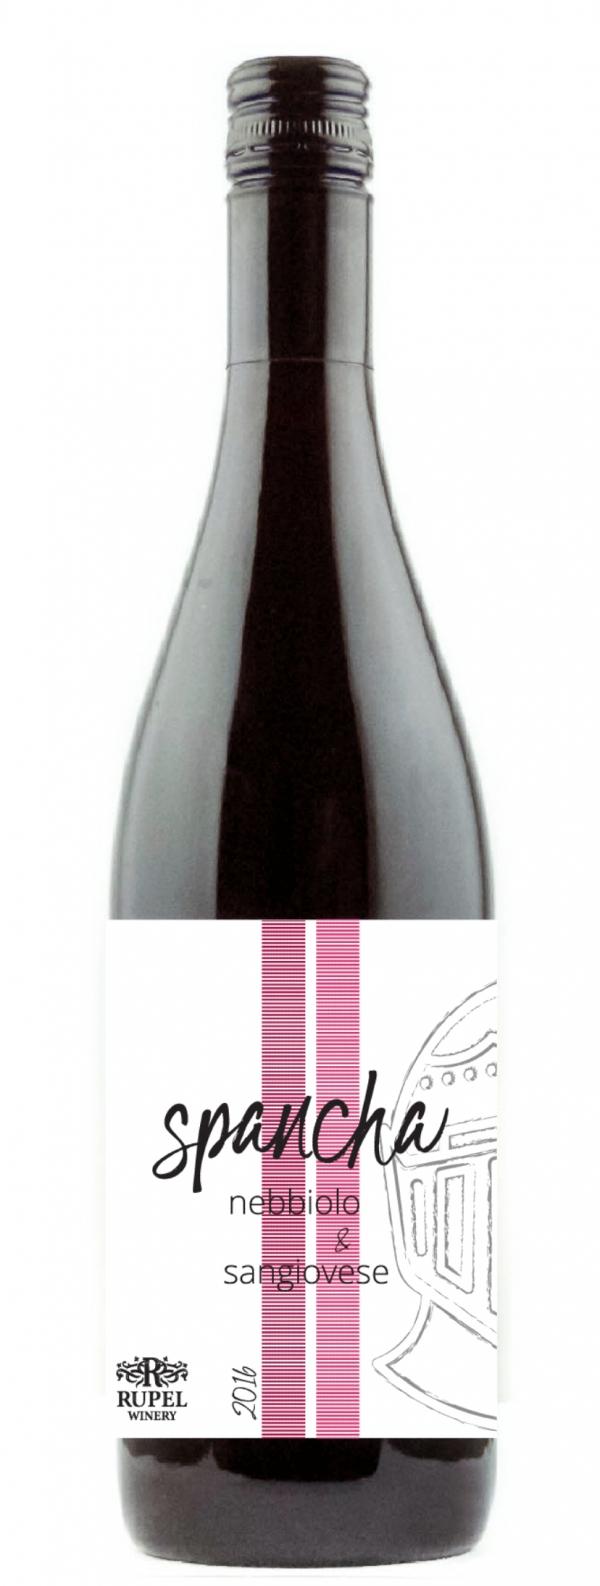 Червено Вино Рупел Спанча Небиоло х Санджовезе 0.75 л